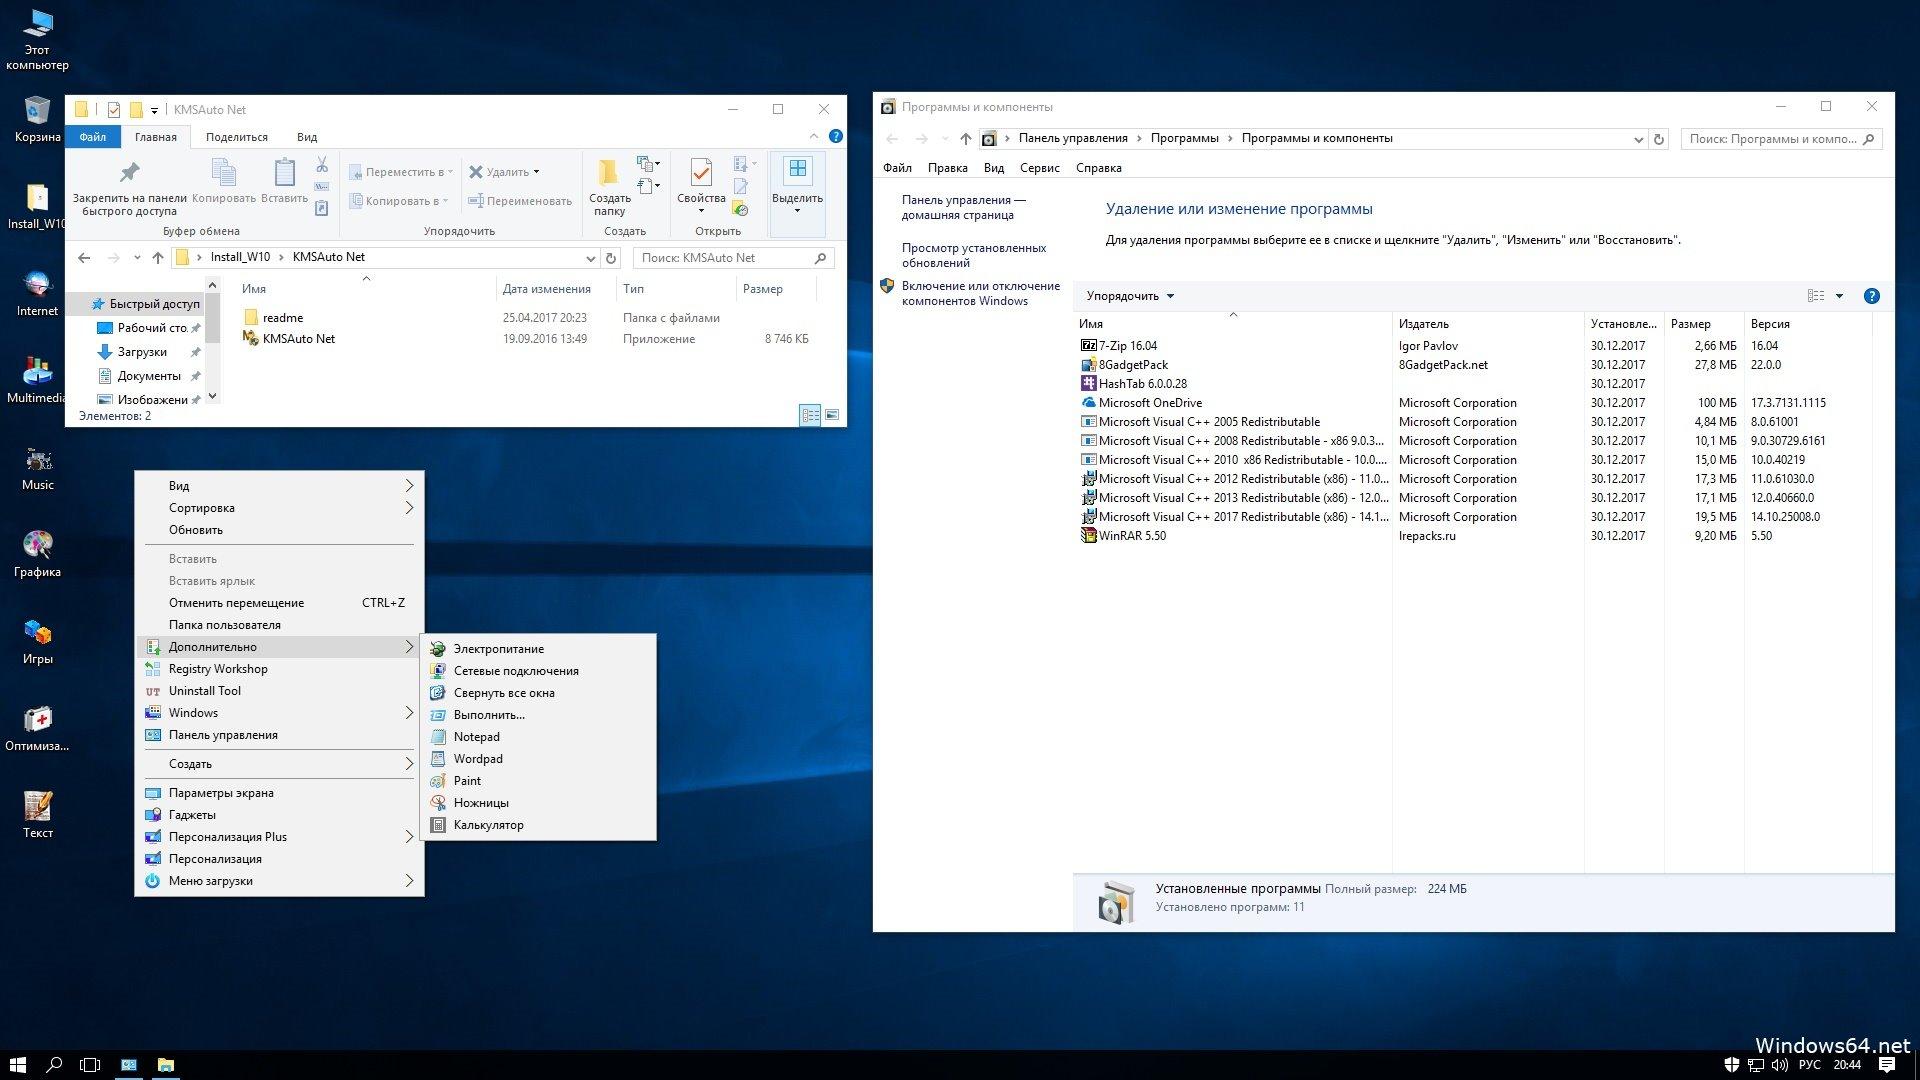 Windows 9 скачать бесплатно rus 2018